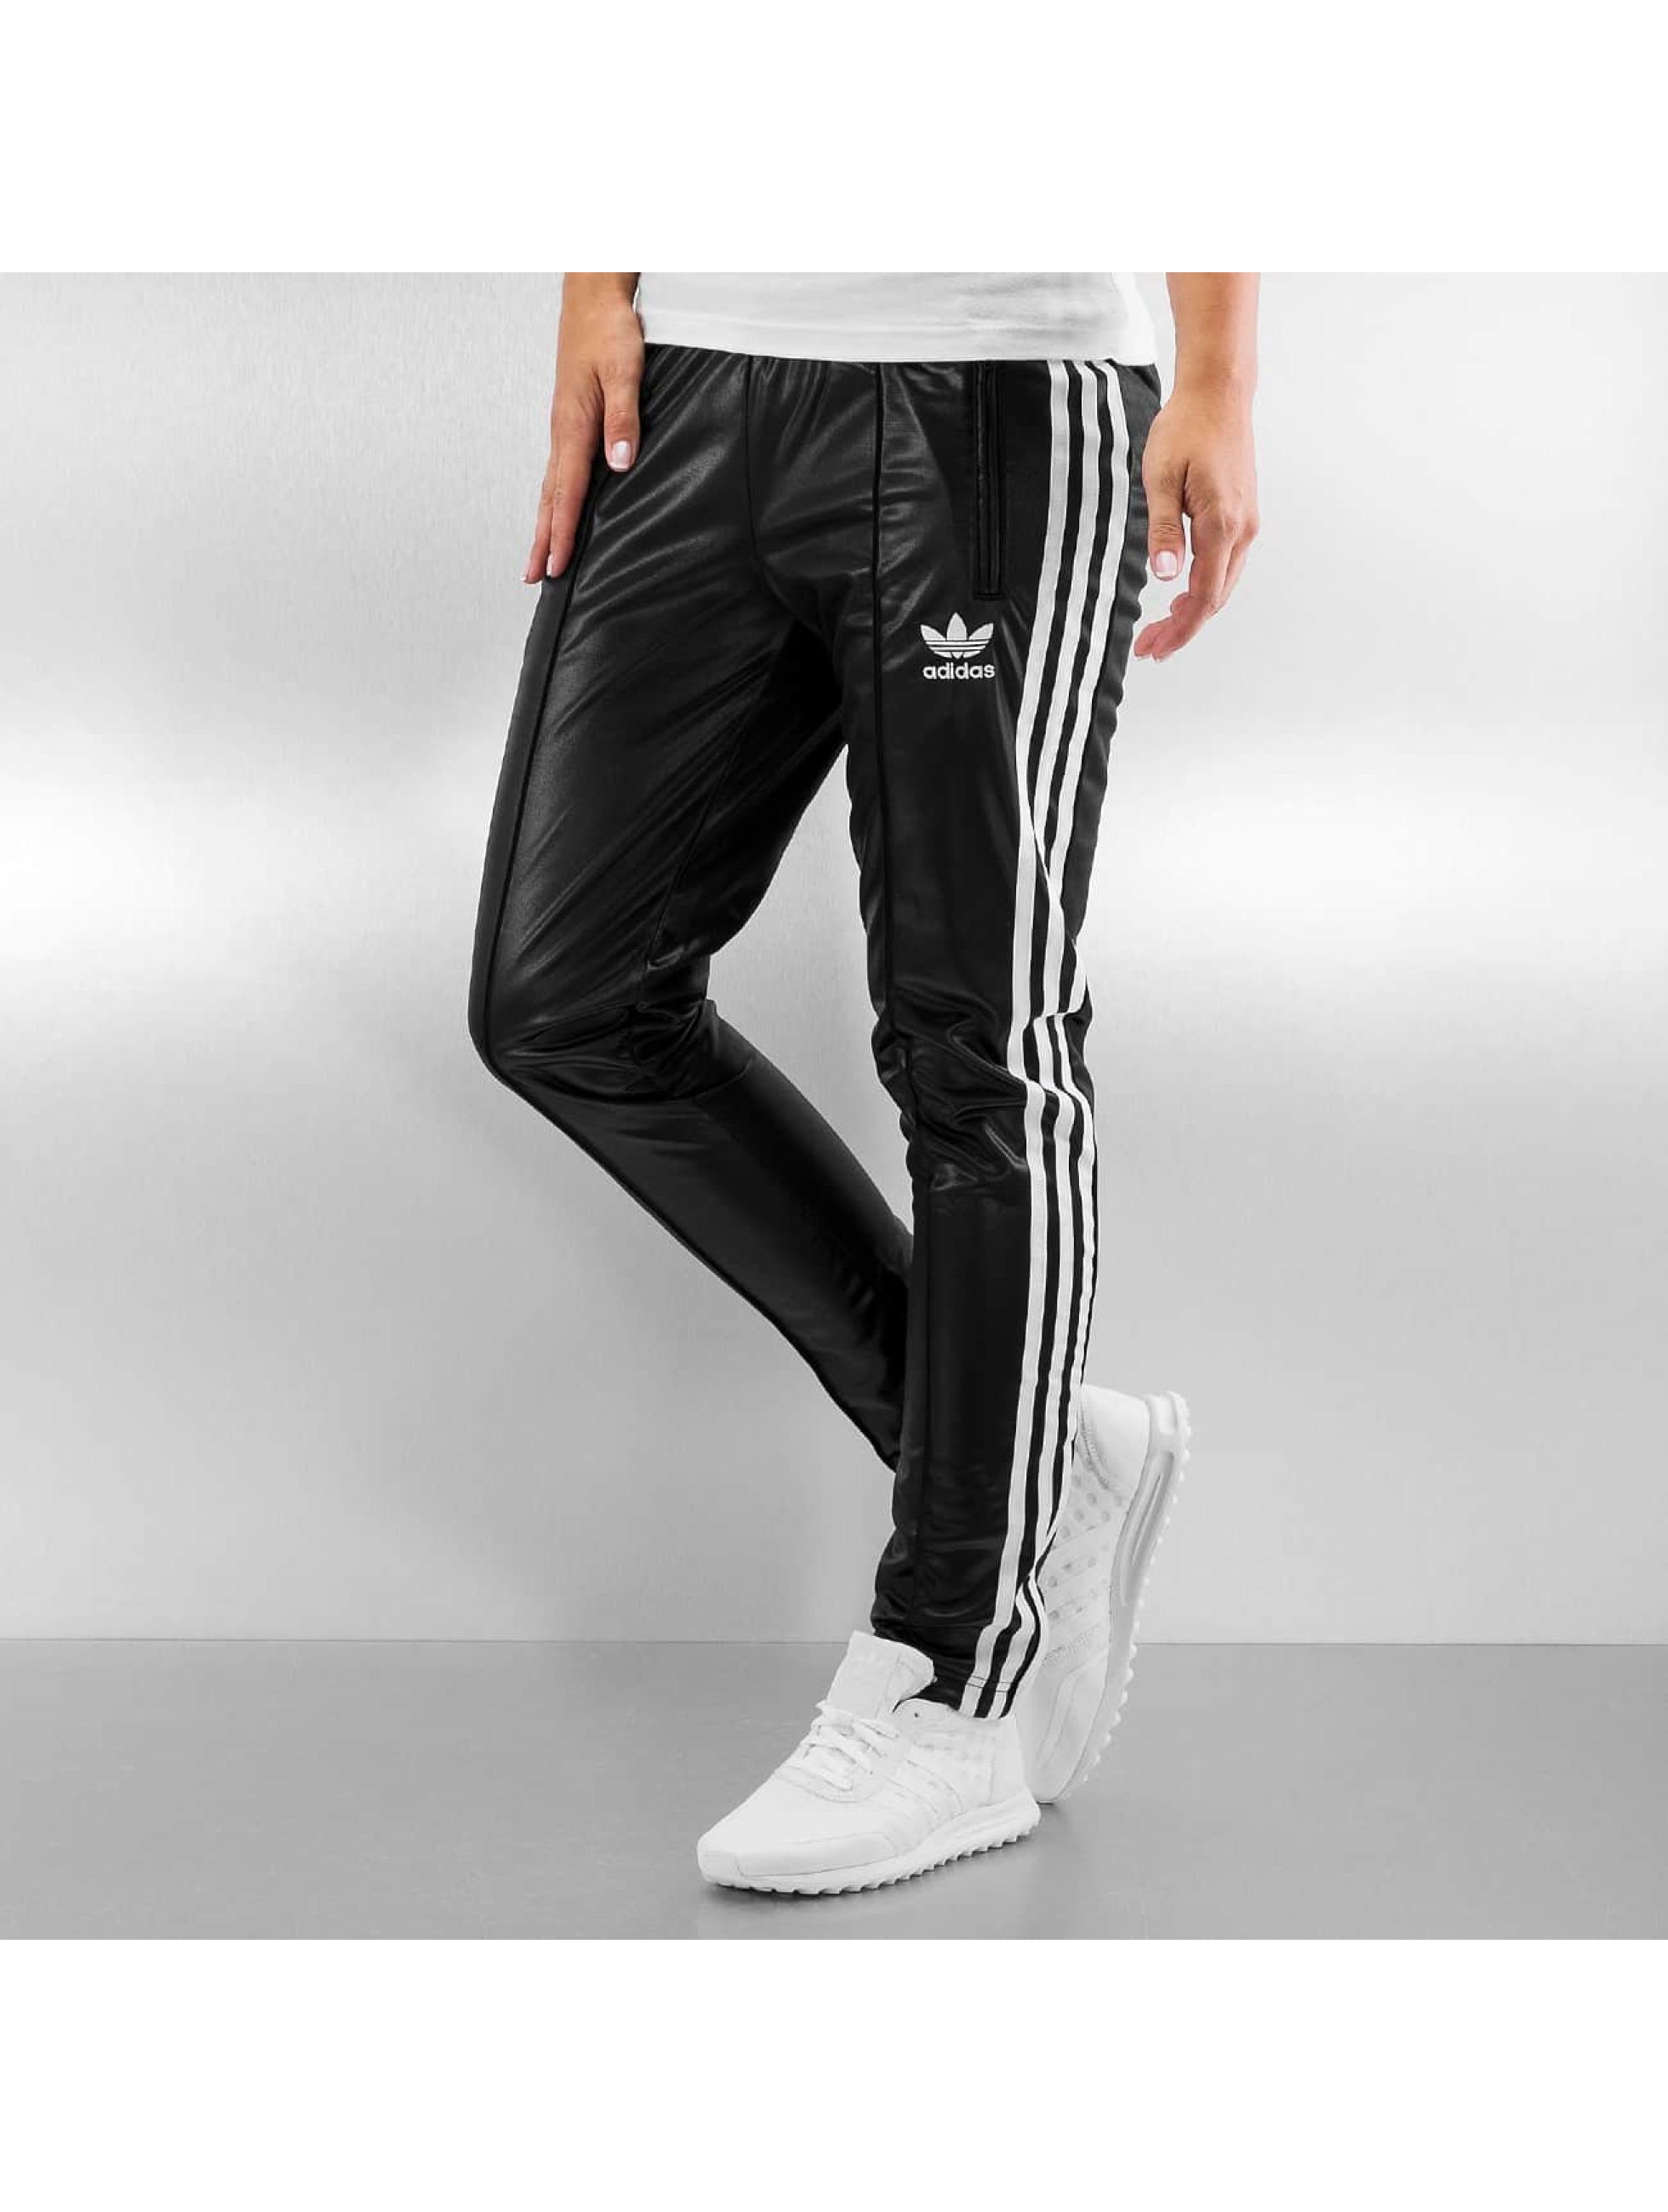 Zo Kun Je Jouw Adidas Trainingspak Met Je Dagelijkse Outfit Combineren | DefShop Blog Nederland ...